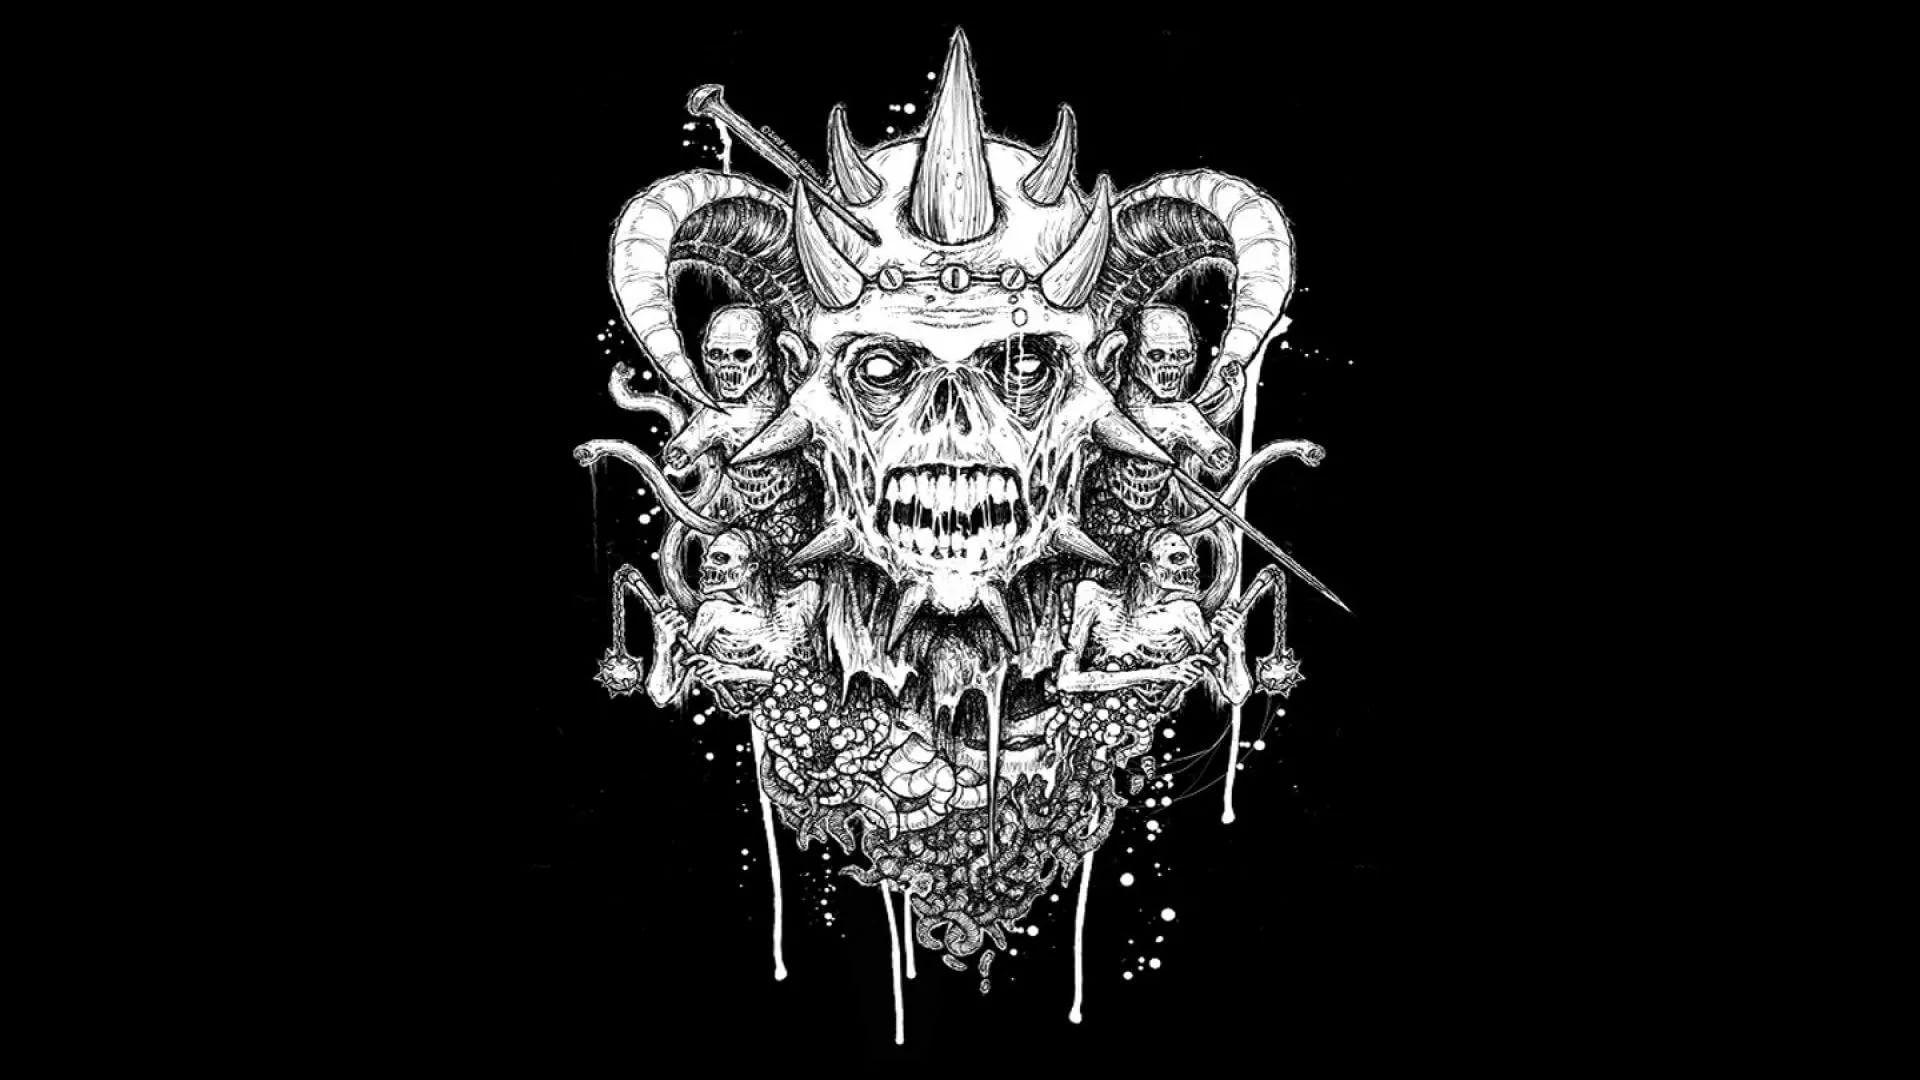 Satanic full hd wallpaper for laptop